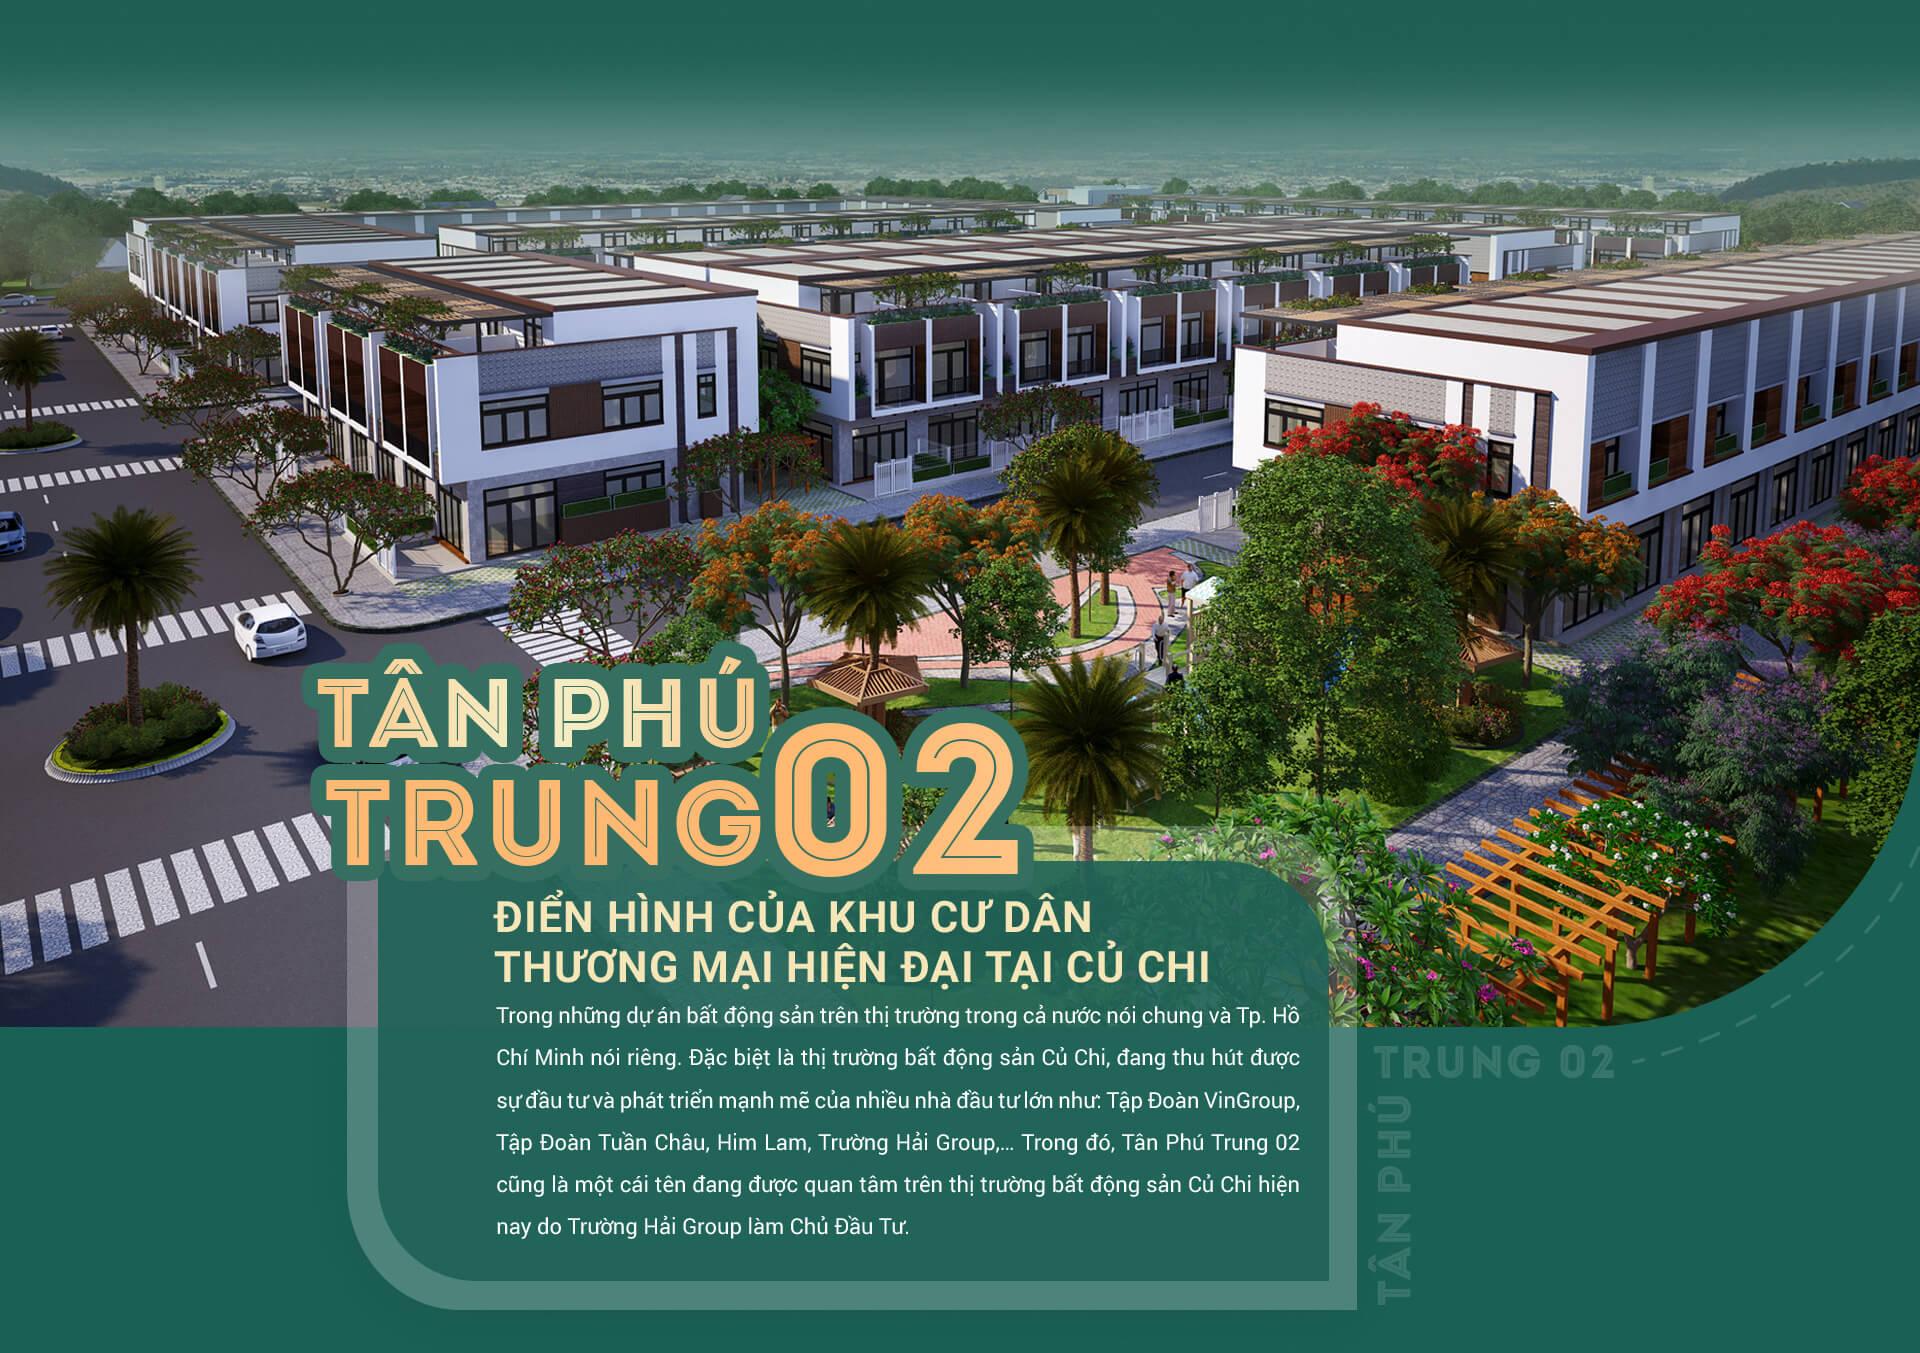 tan phu trung 02 - dien hinh cua khu cu dan thuong mai hien dai tai cu chi - 1